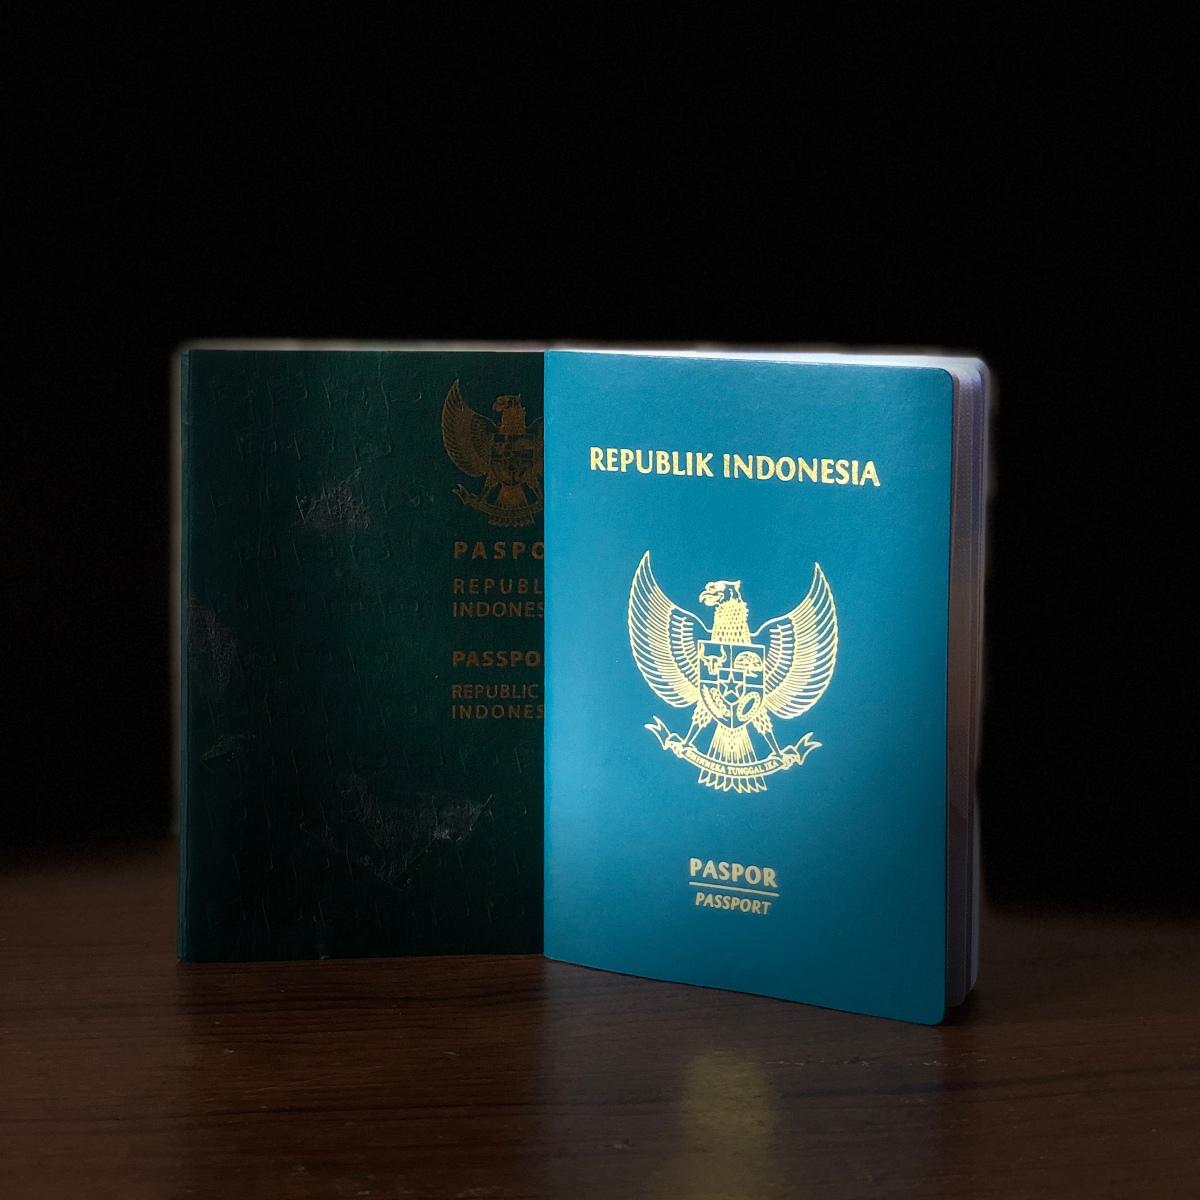 6 Langkah Memperpanjang Passport secara Online